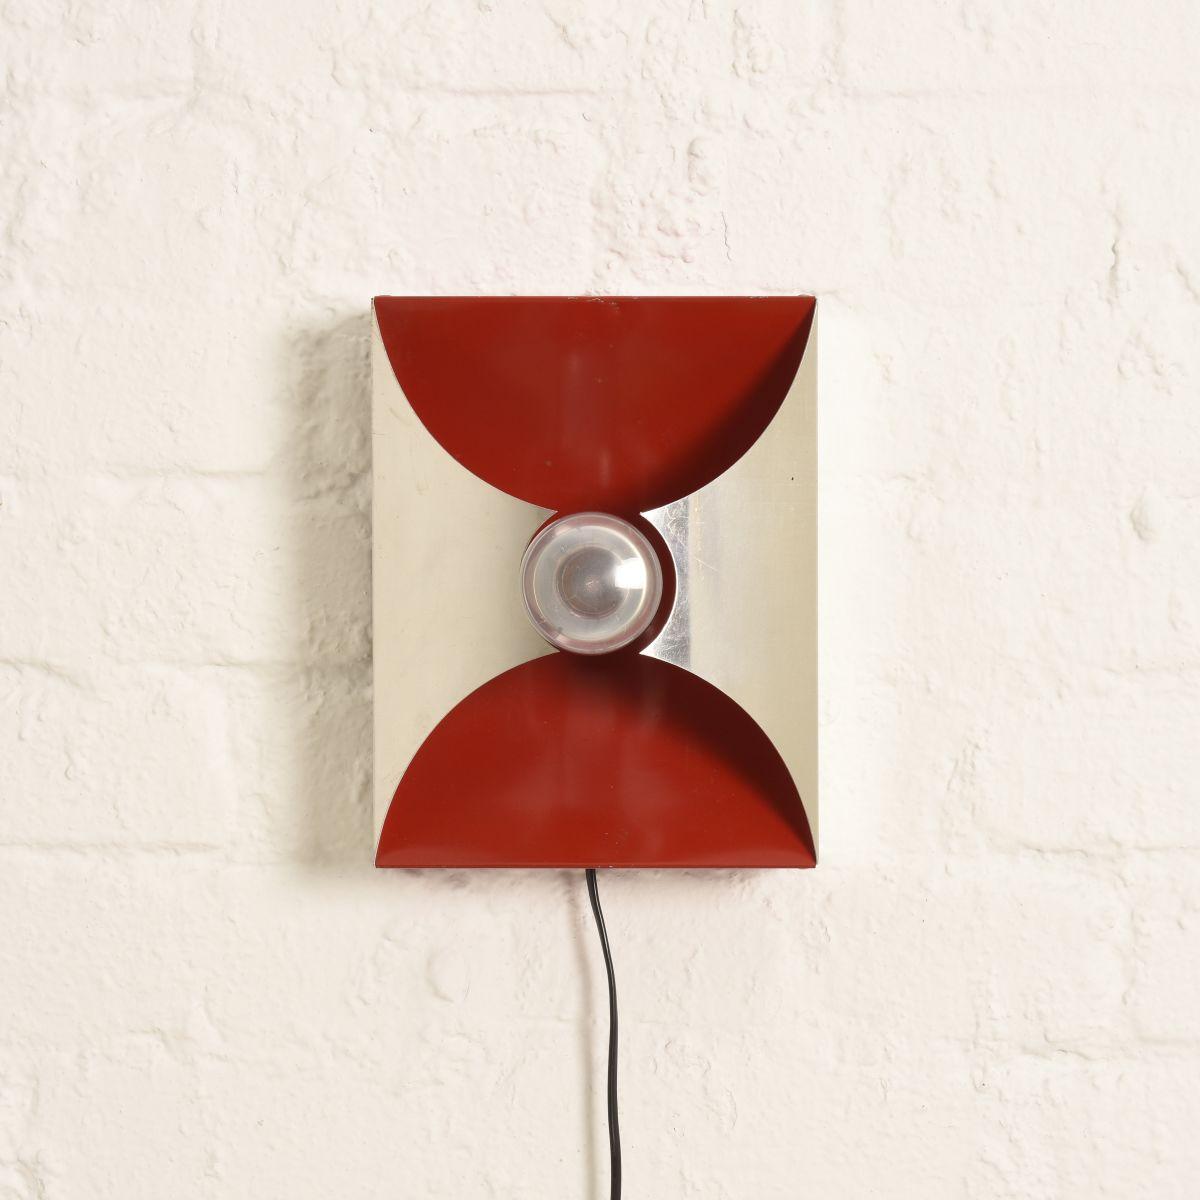 Orno-Wall-Table-Lamp